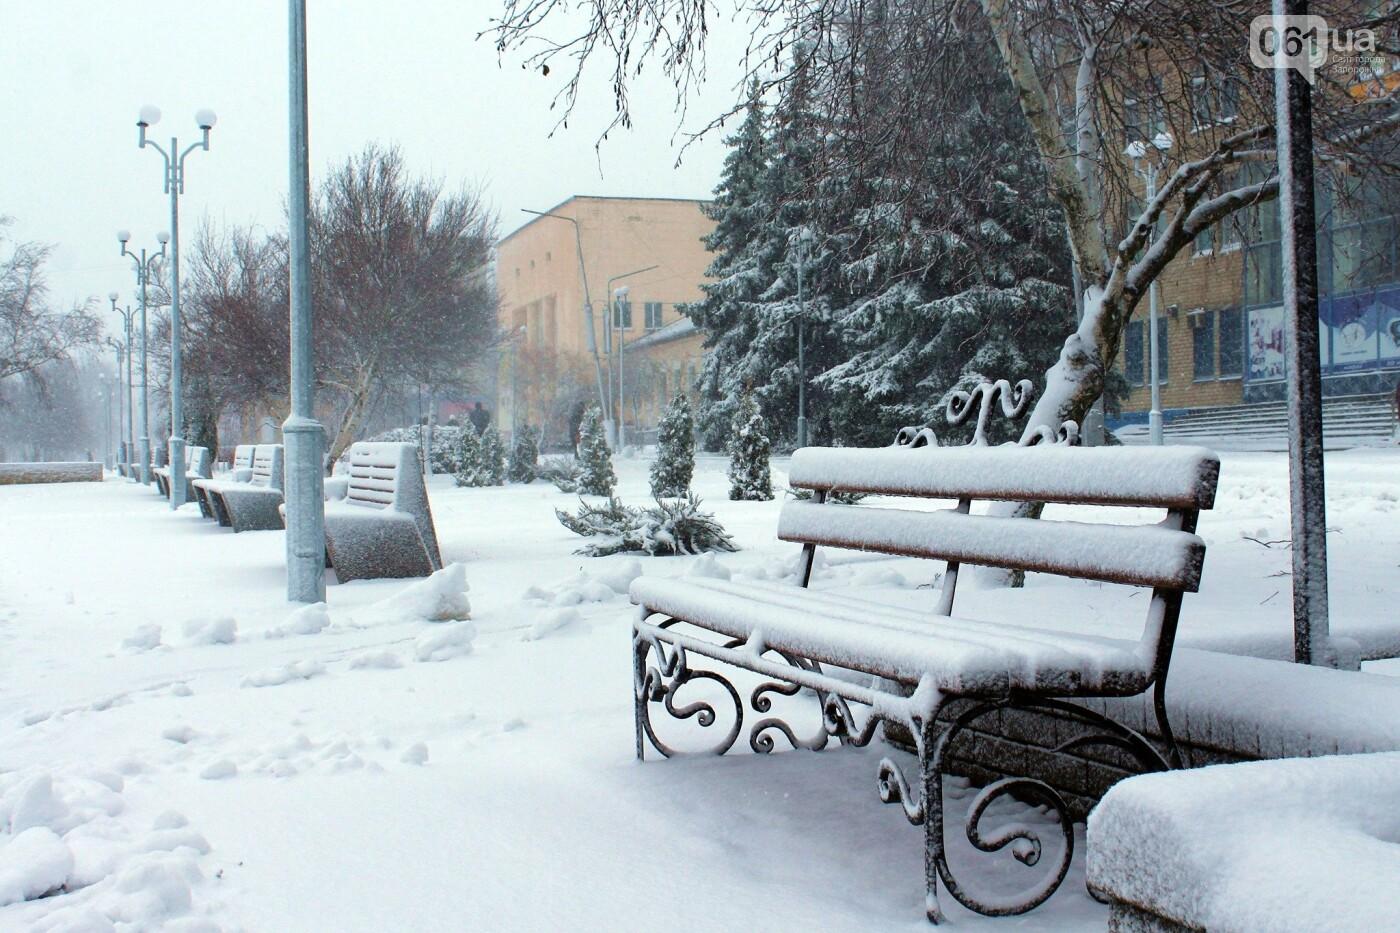 Ночная метель и заснеженный парк с высоты: жители Запорожской области делятся зимними фото , фото-6